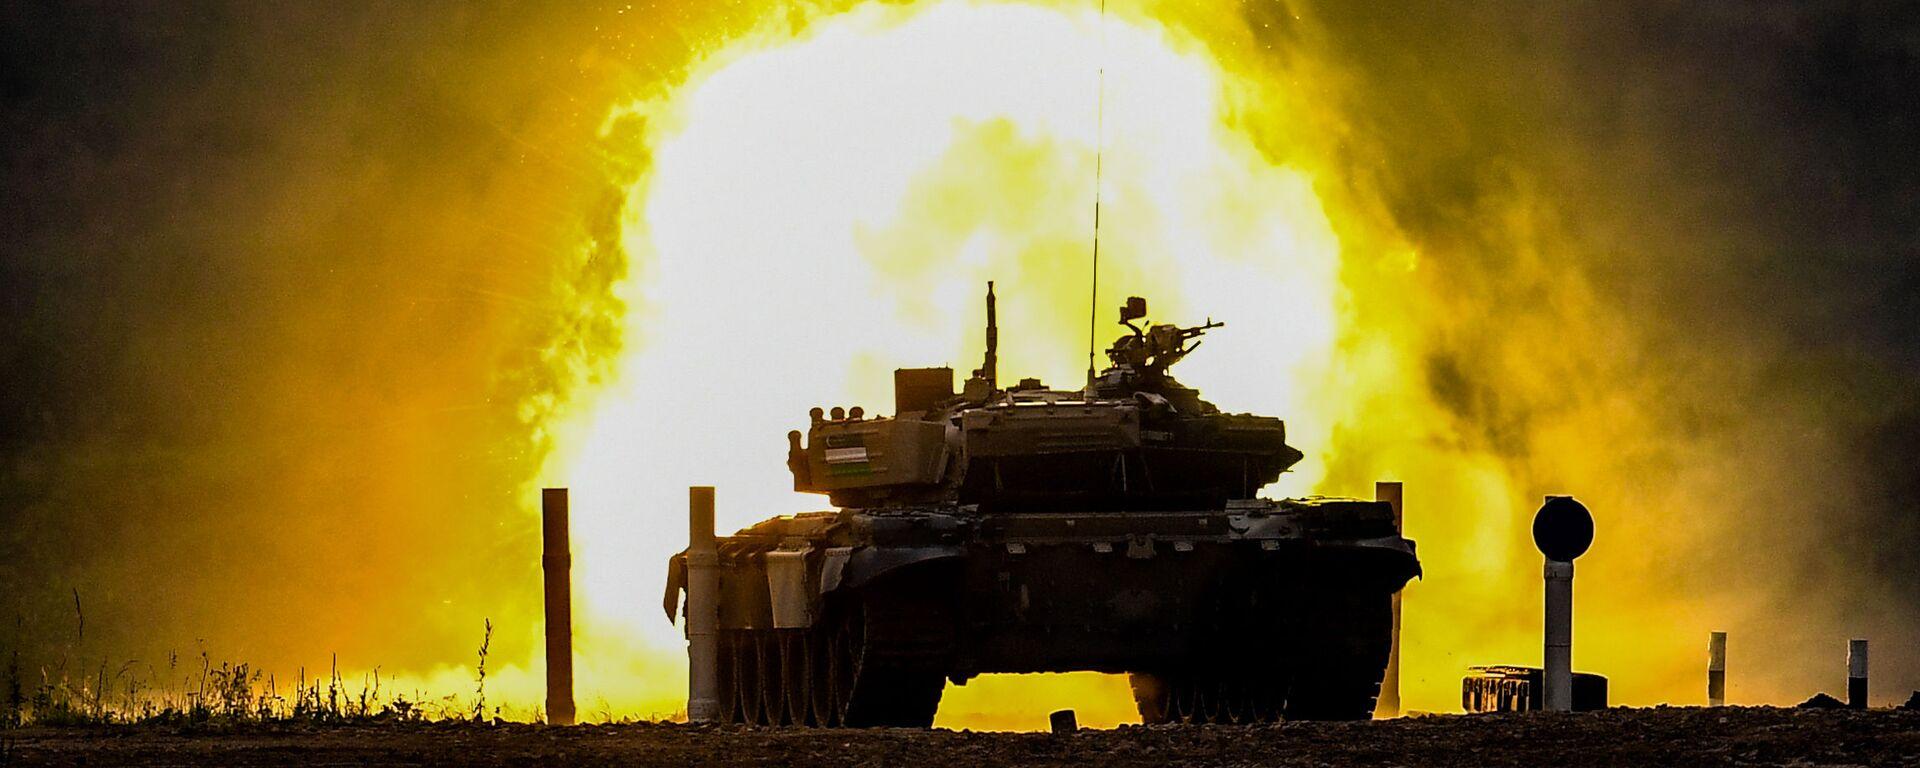 """Czołg T-72 zespołu wojskowego Uzbekistanu podczas zawodów """"Biathlon czołgowy 2020"""" na poligonie Alabino w obwodzie moskiewskim - Sputnik Polska, 1920, 15.04.2021"""